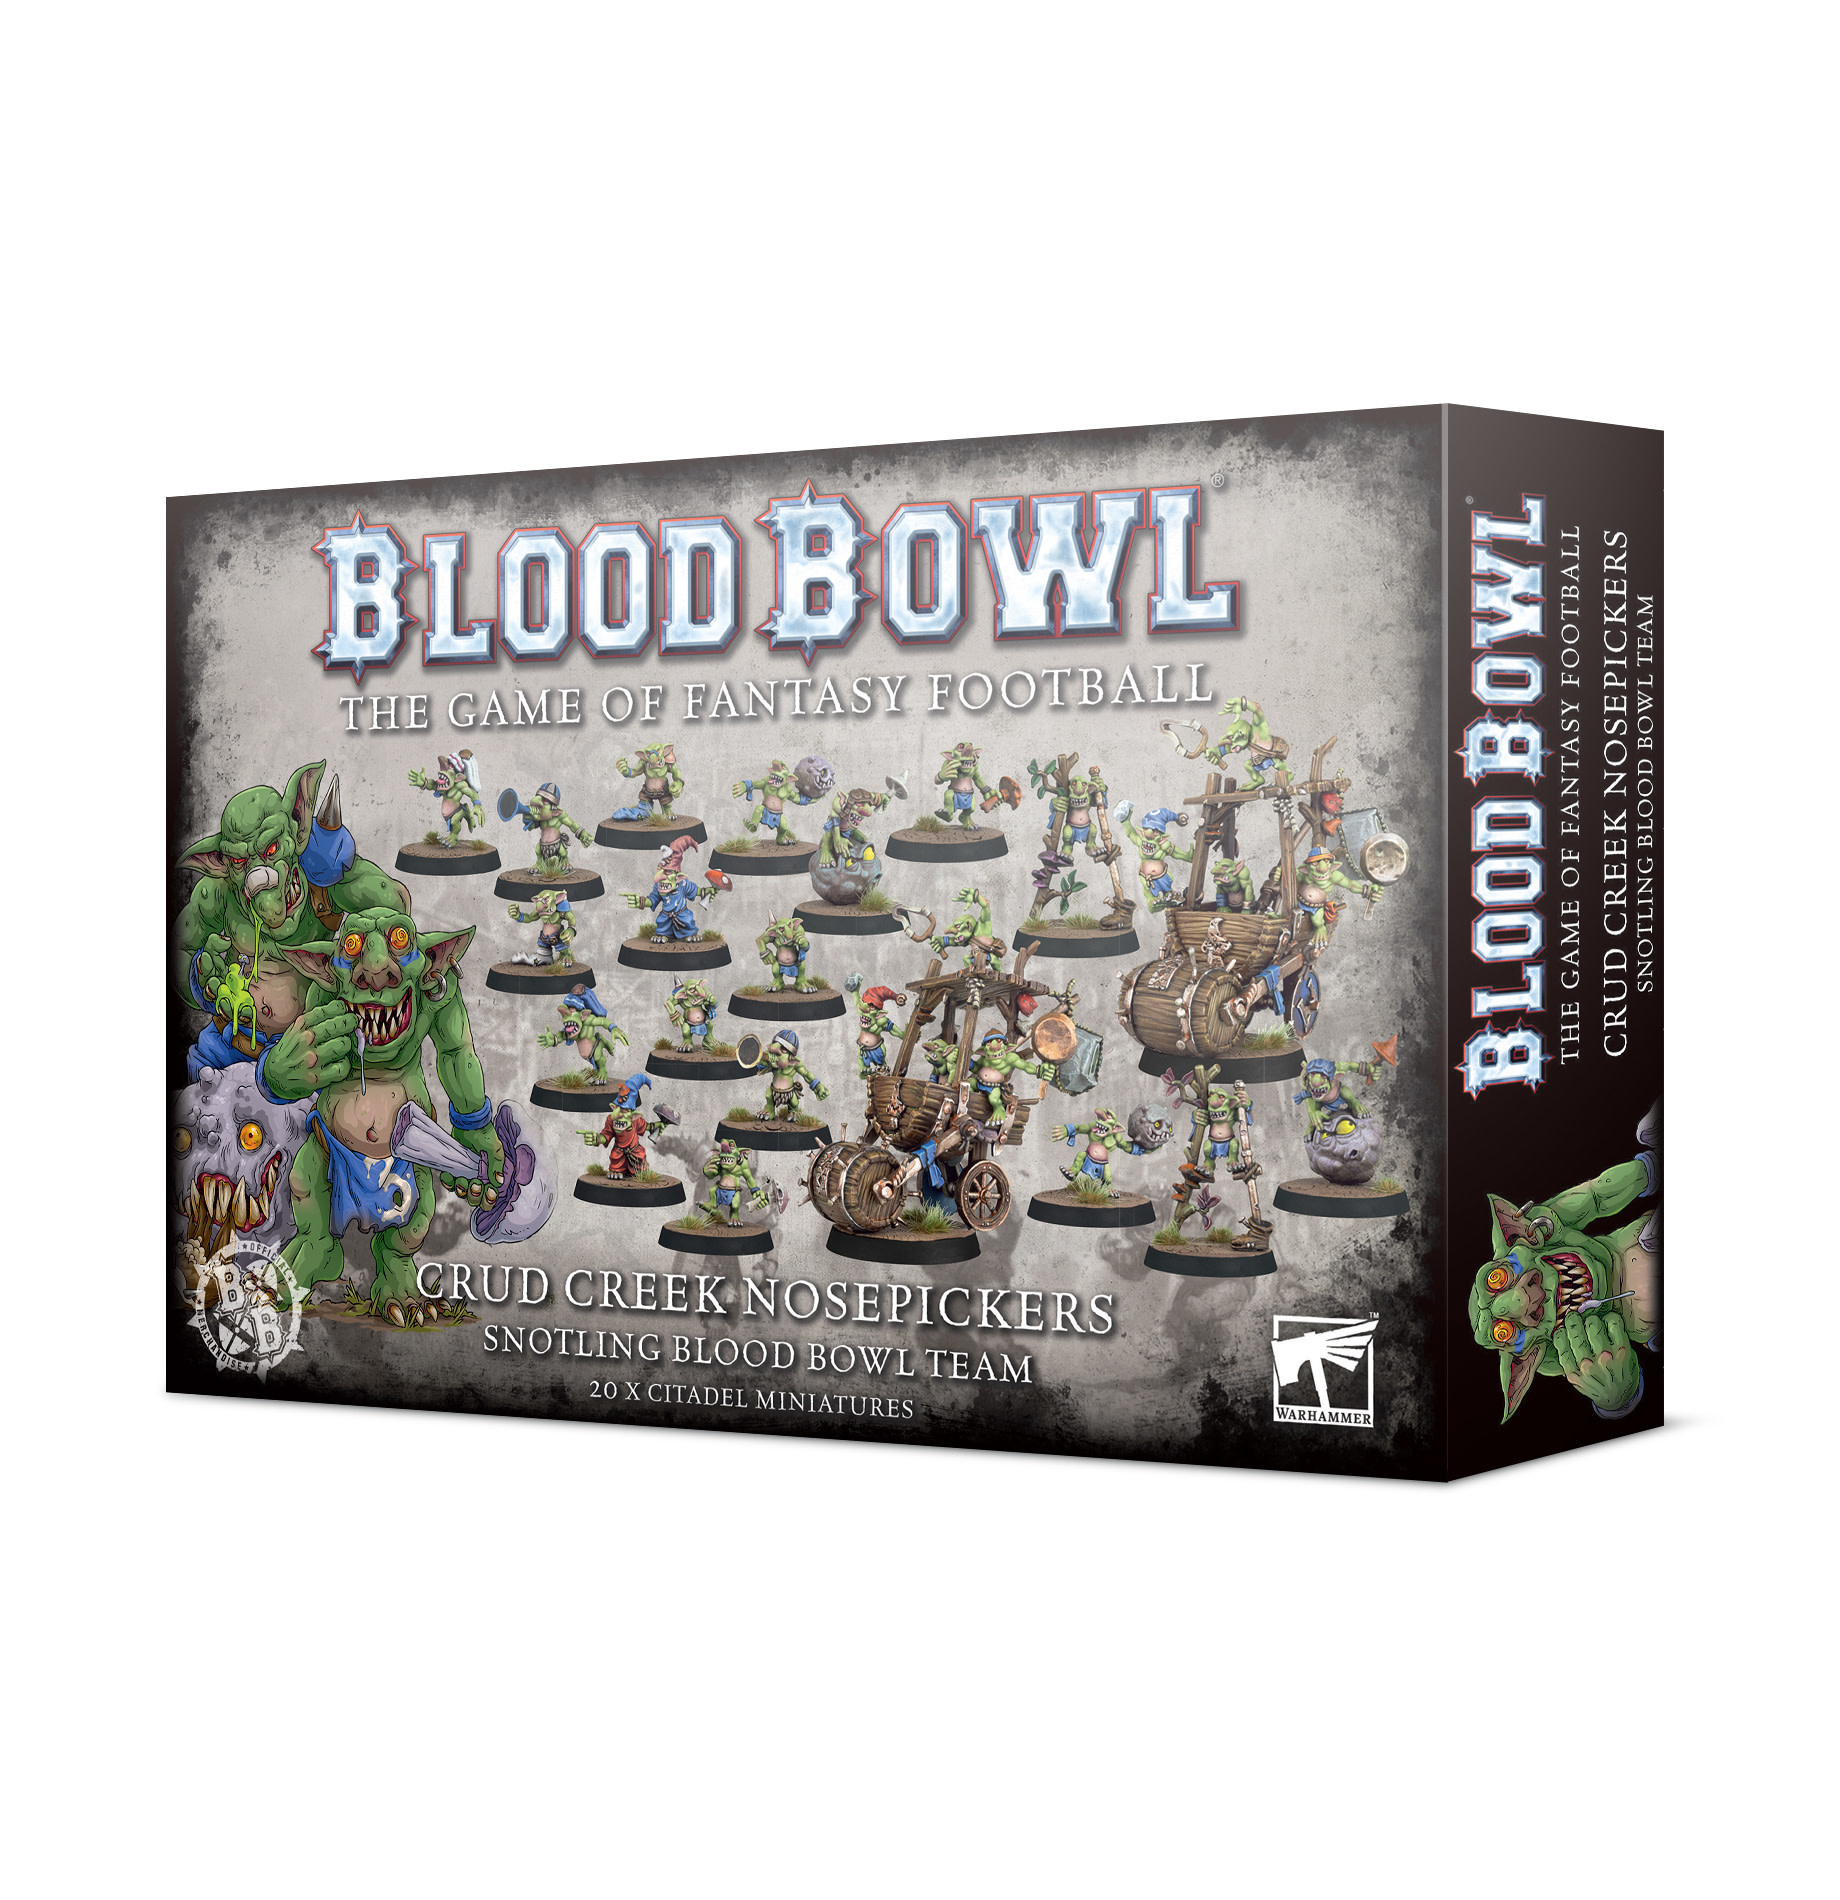 Blood Bowl: Crud Creek Nosepickers - Snotling Team